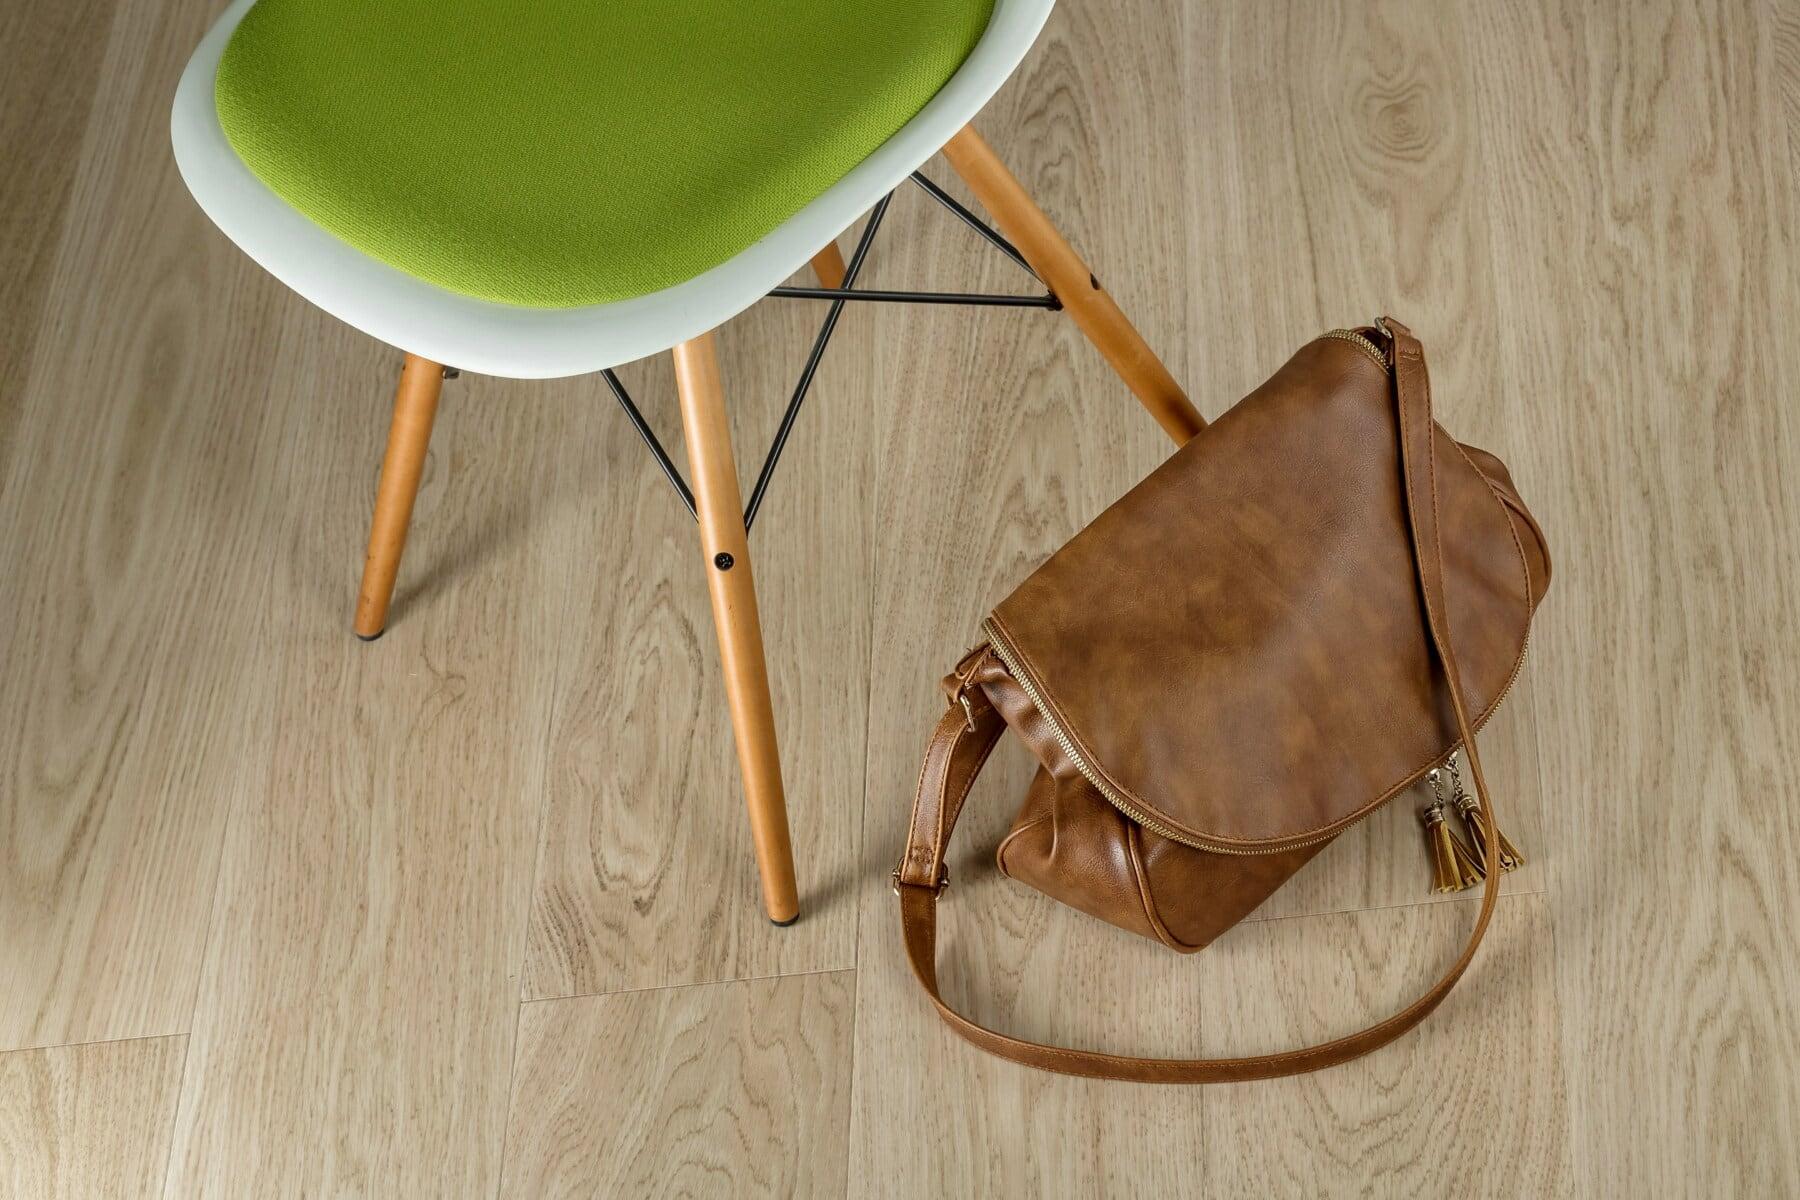 sac à main, brun clair, classique, mode, style, conception, chaise, confortable, siège, meubles